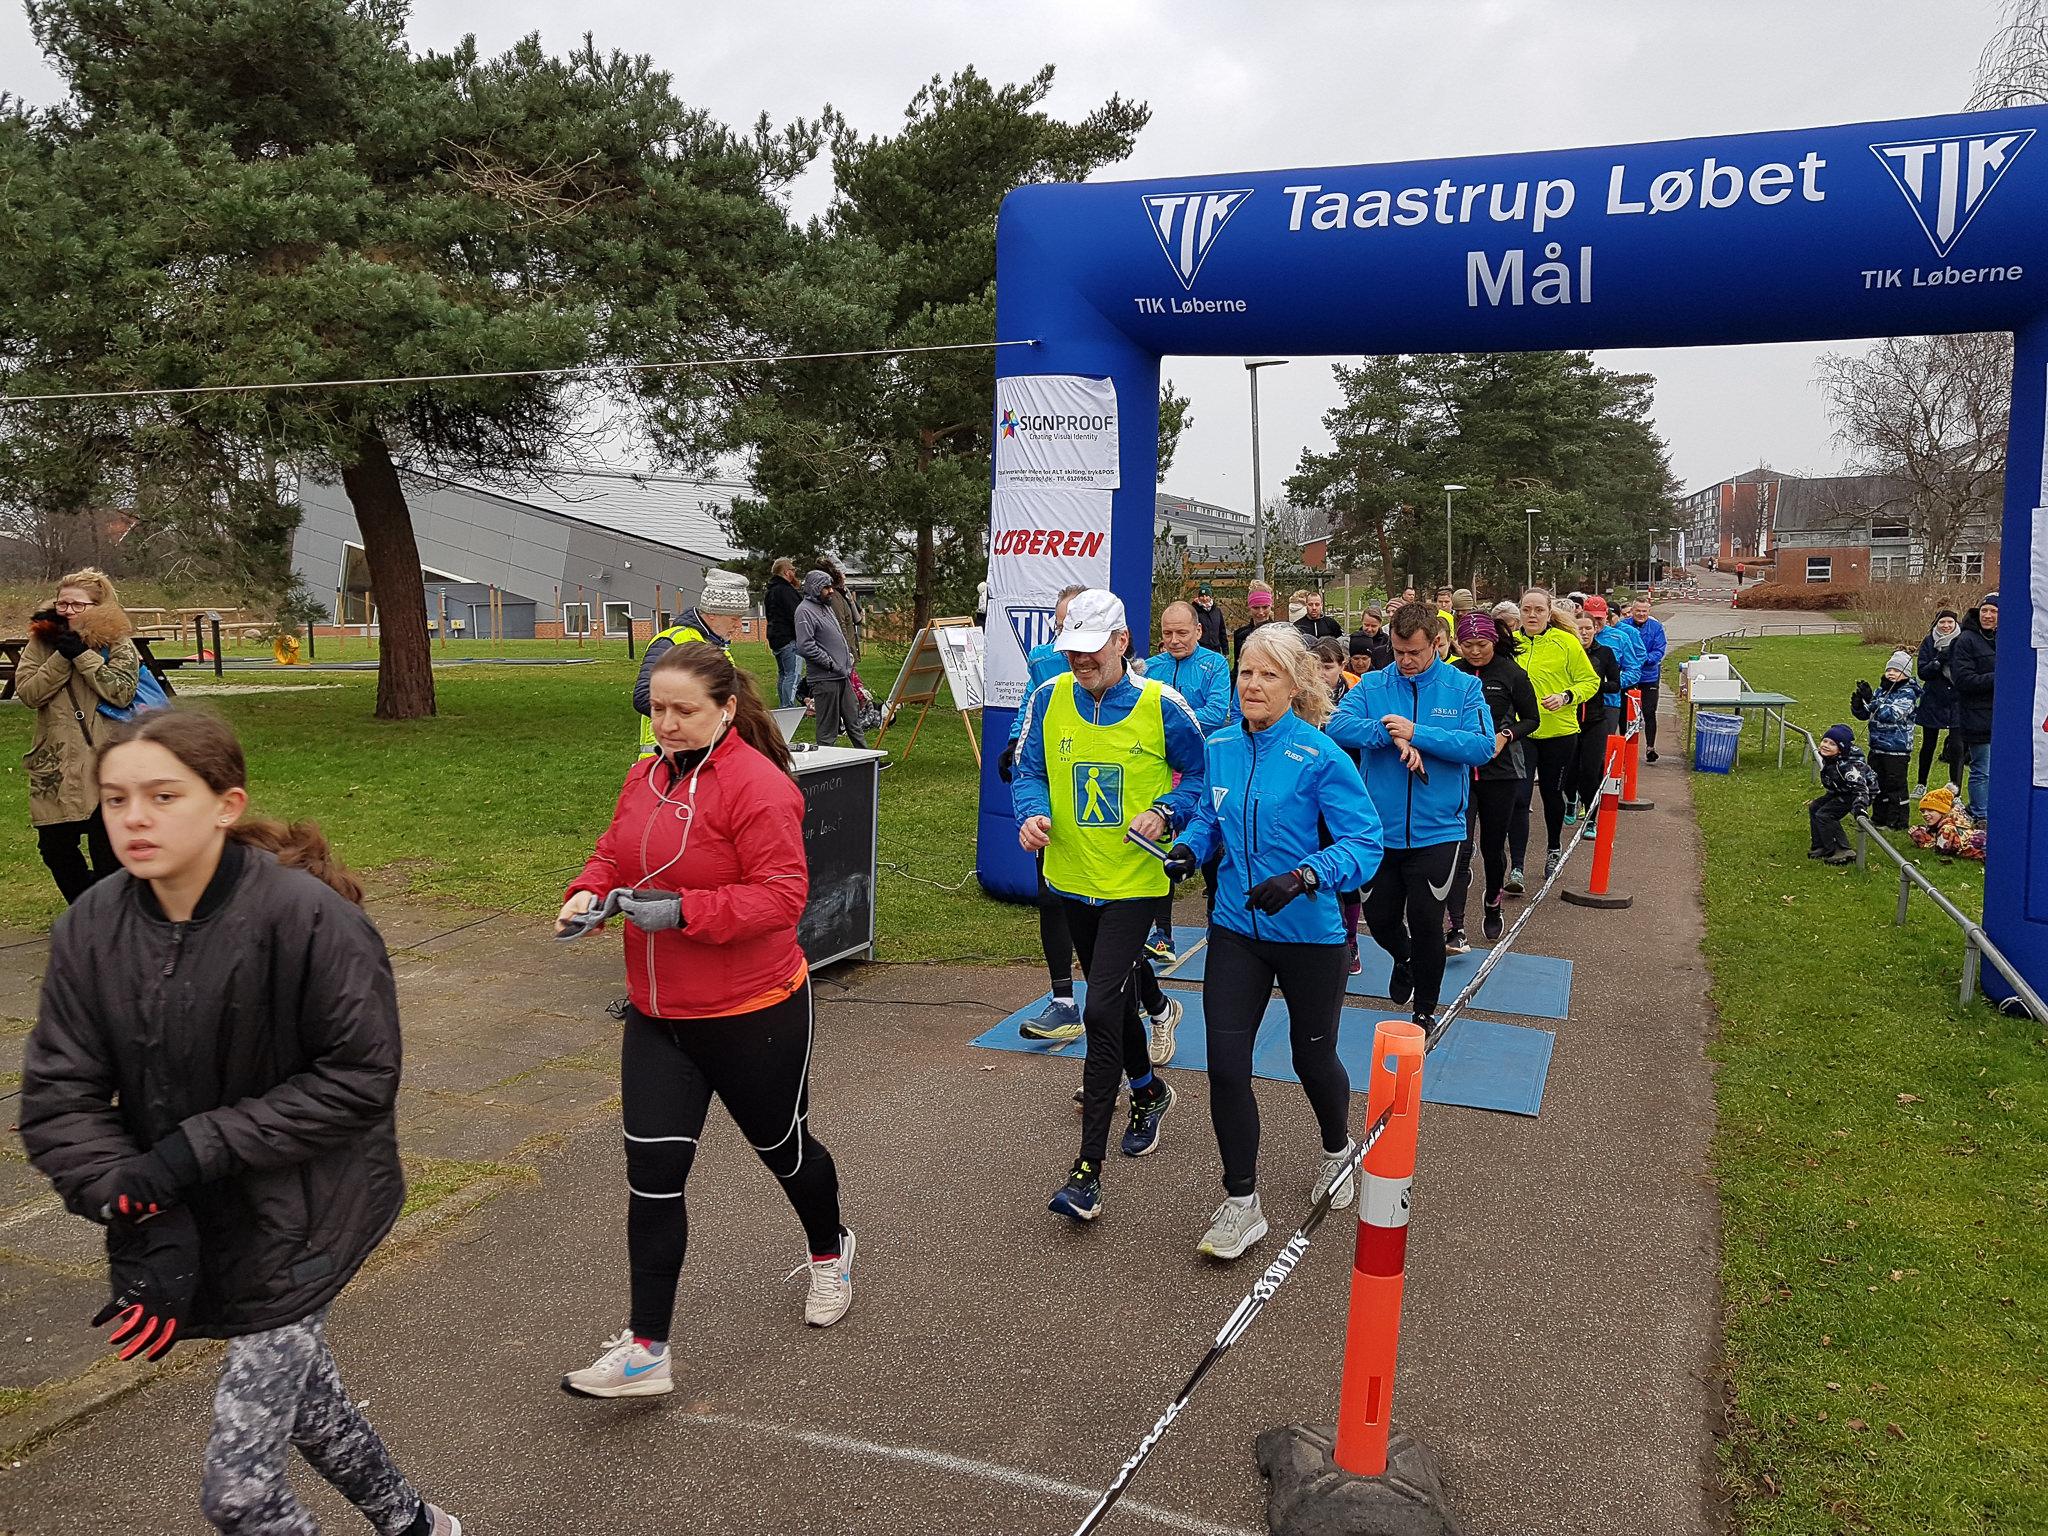 2020-02-09-160-Taastrup-Løbet-2020-02